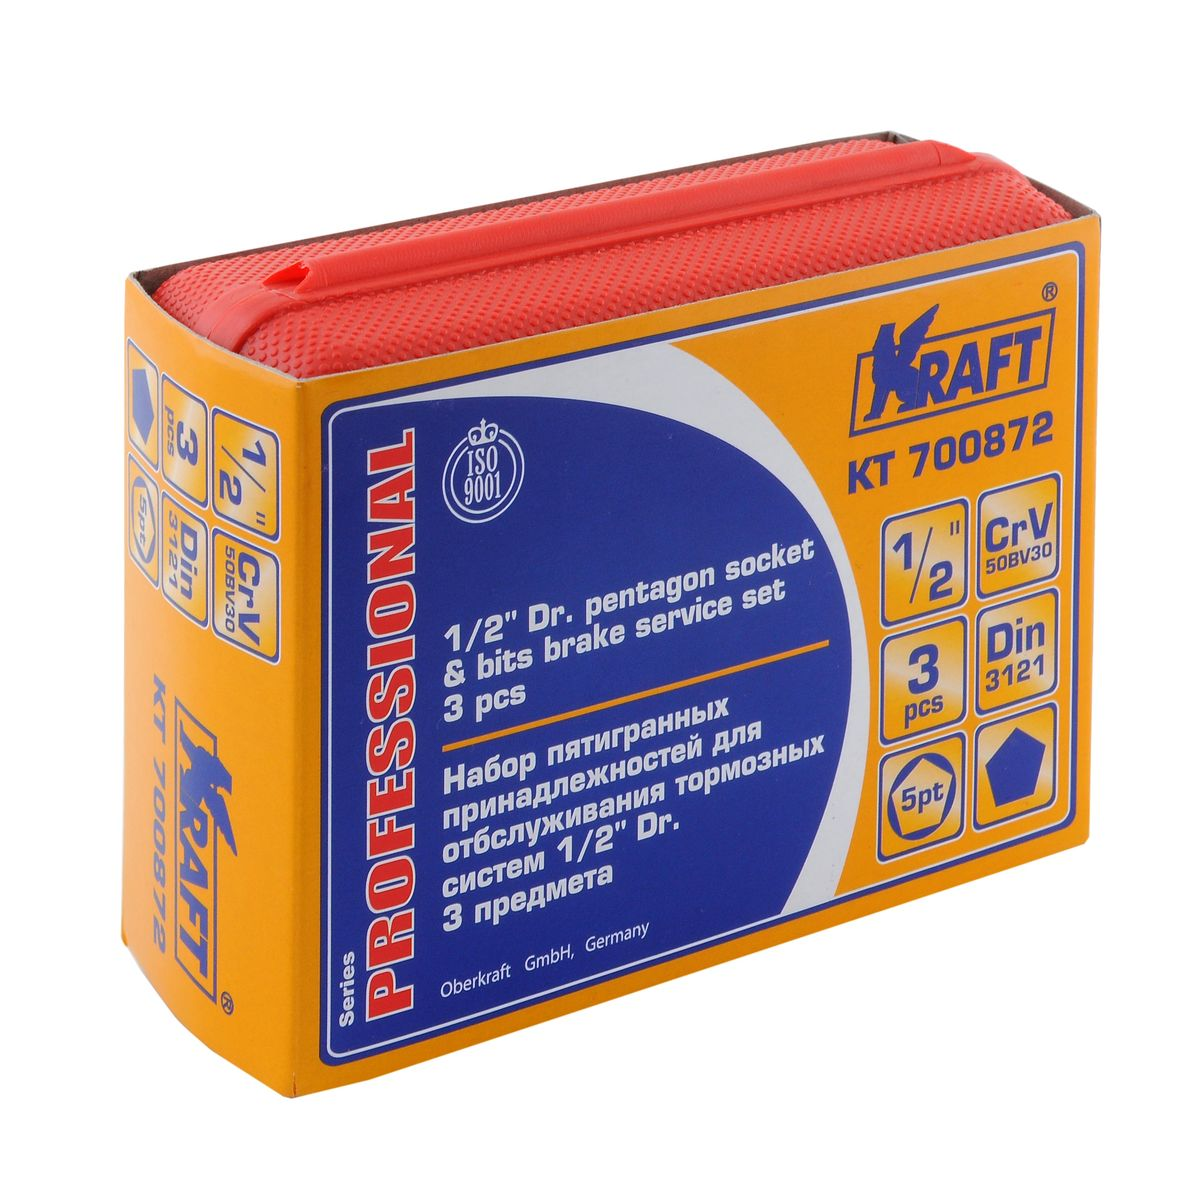 Набор пятигранных принадлежностей Kraft Professional, для обслуживания тормозных систем, 1/2, 3 предмета